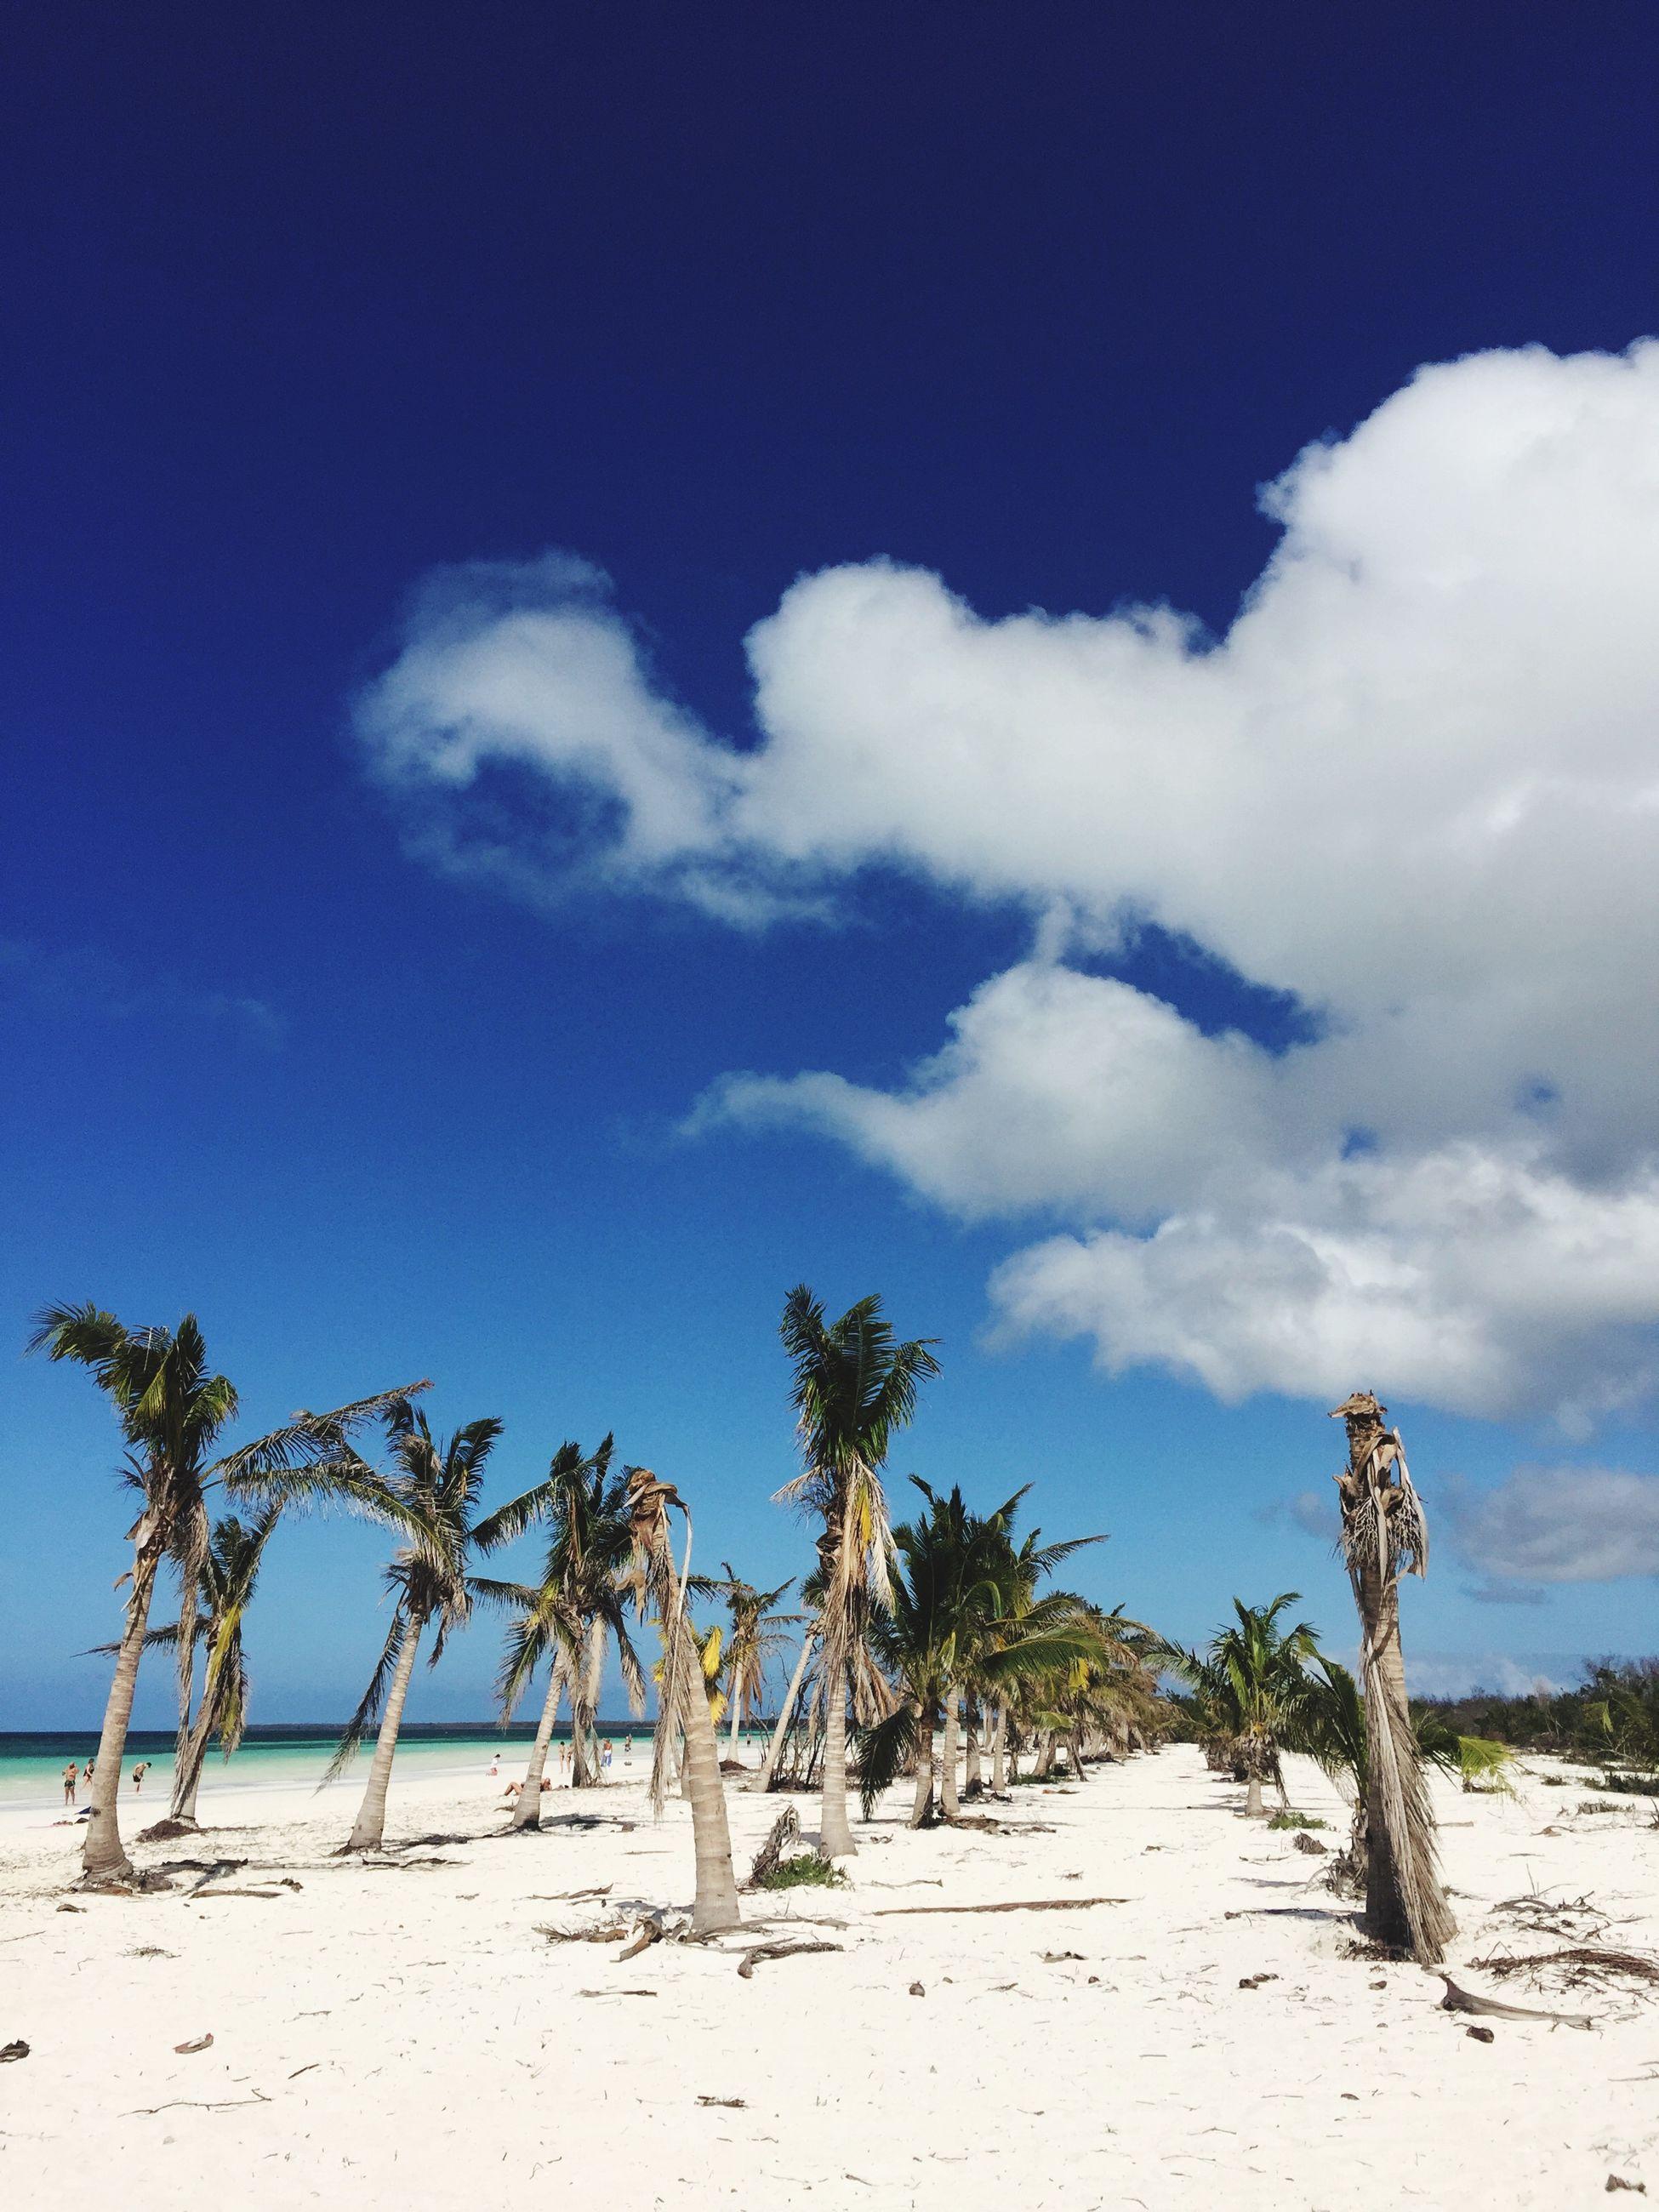 TREES ON BEACH AGAINST BLUE SKY